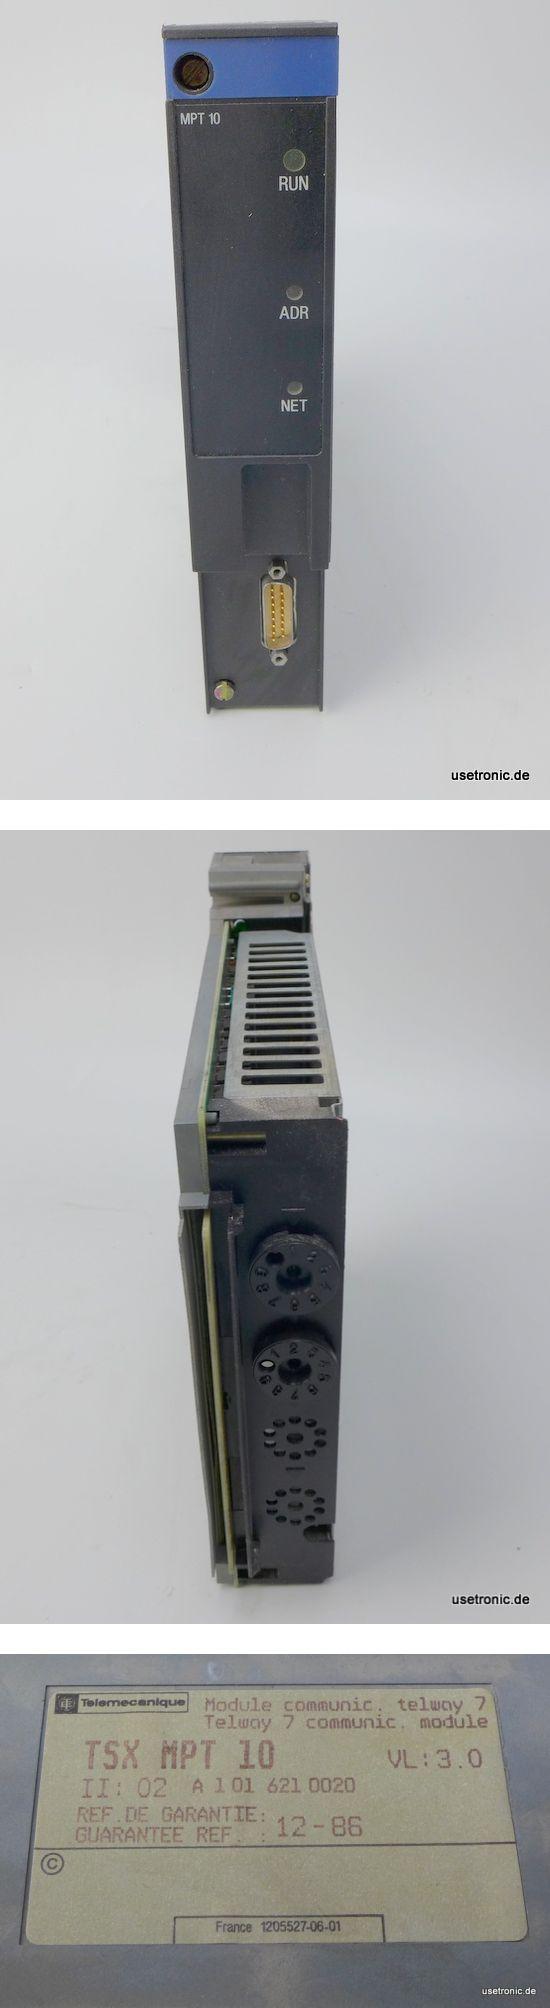 Telemecanique TSX-MPT10 Telway 7 Communic VL:3.0